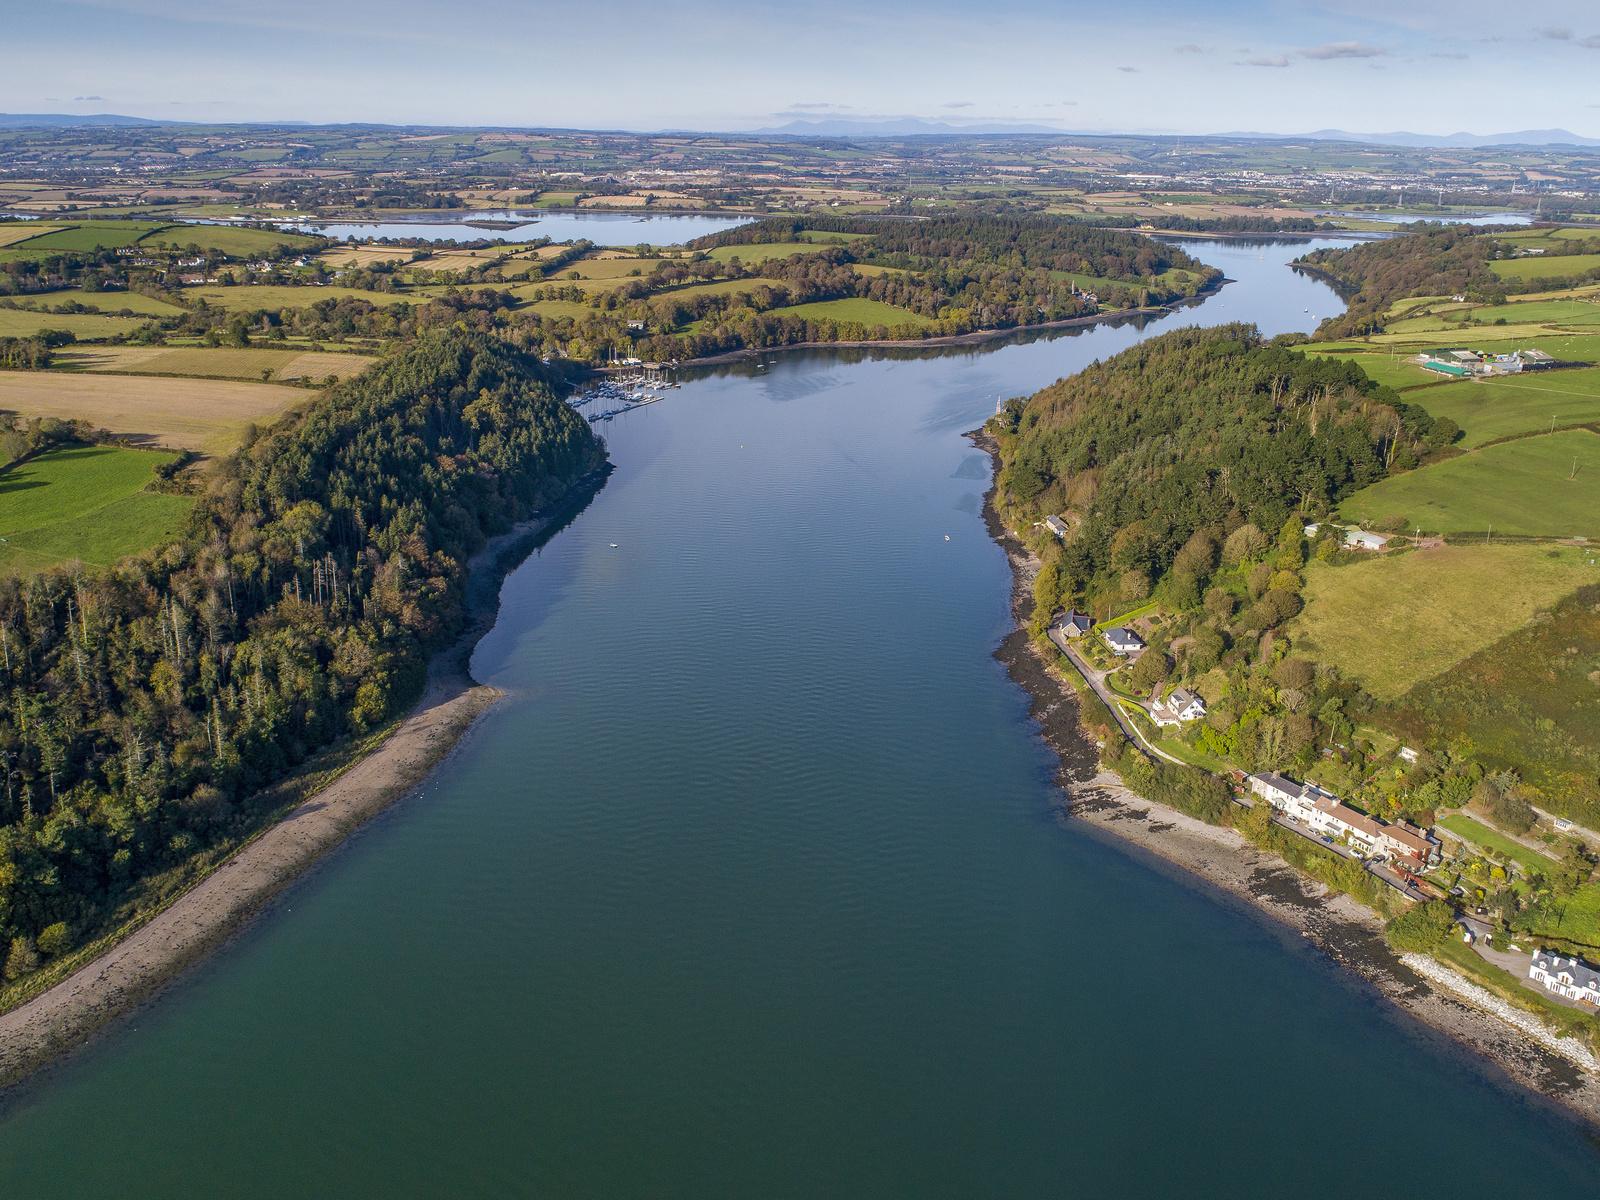 ирландия, река, поля, дома, belgrove, munster, сверху, природа